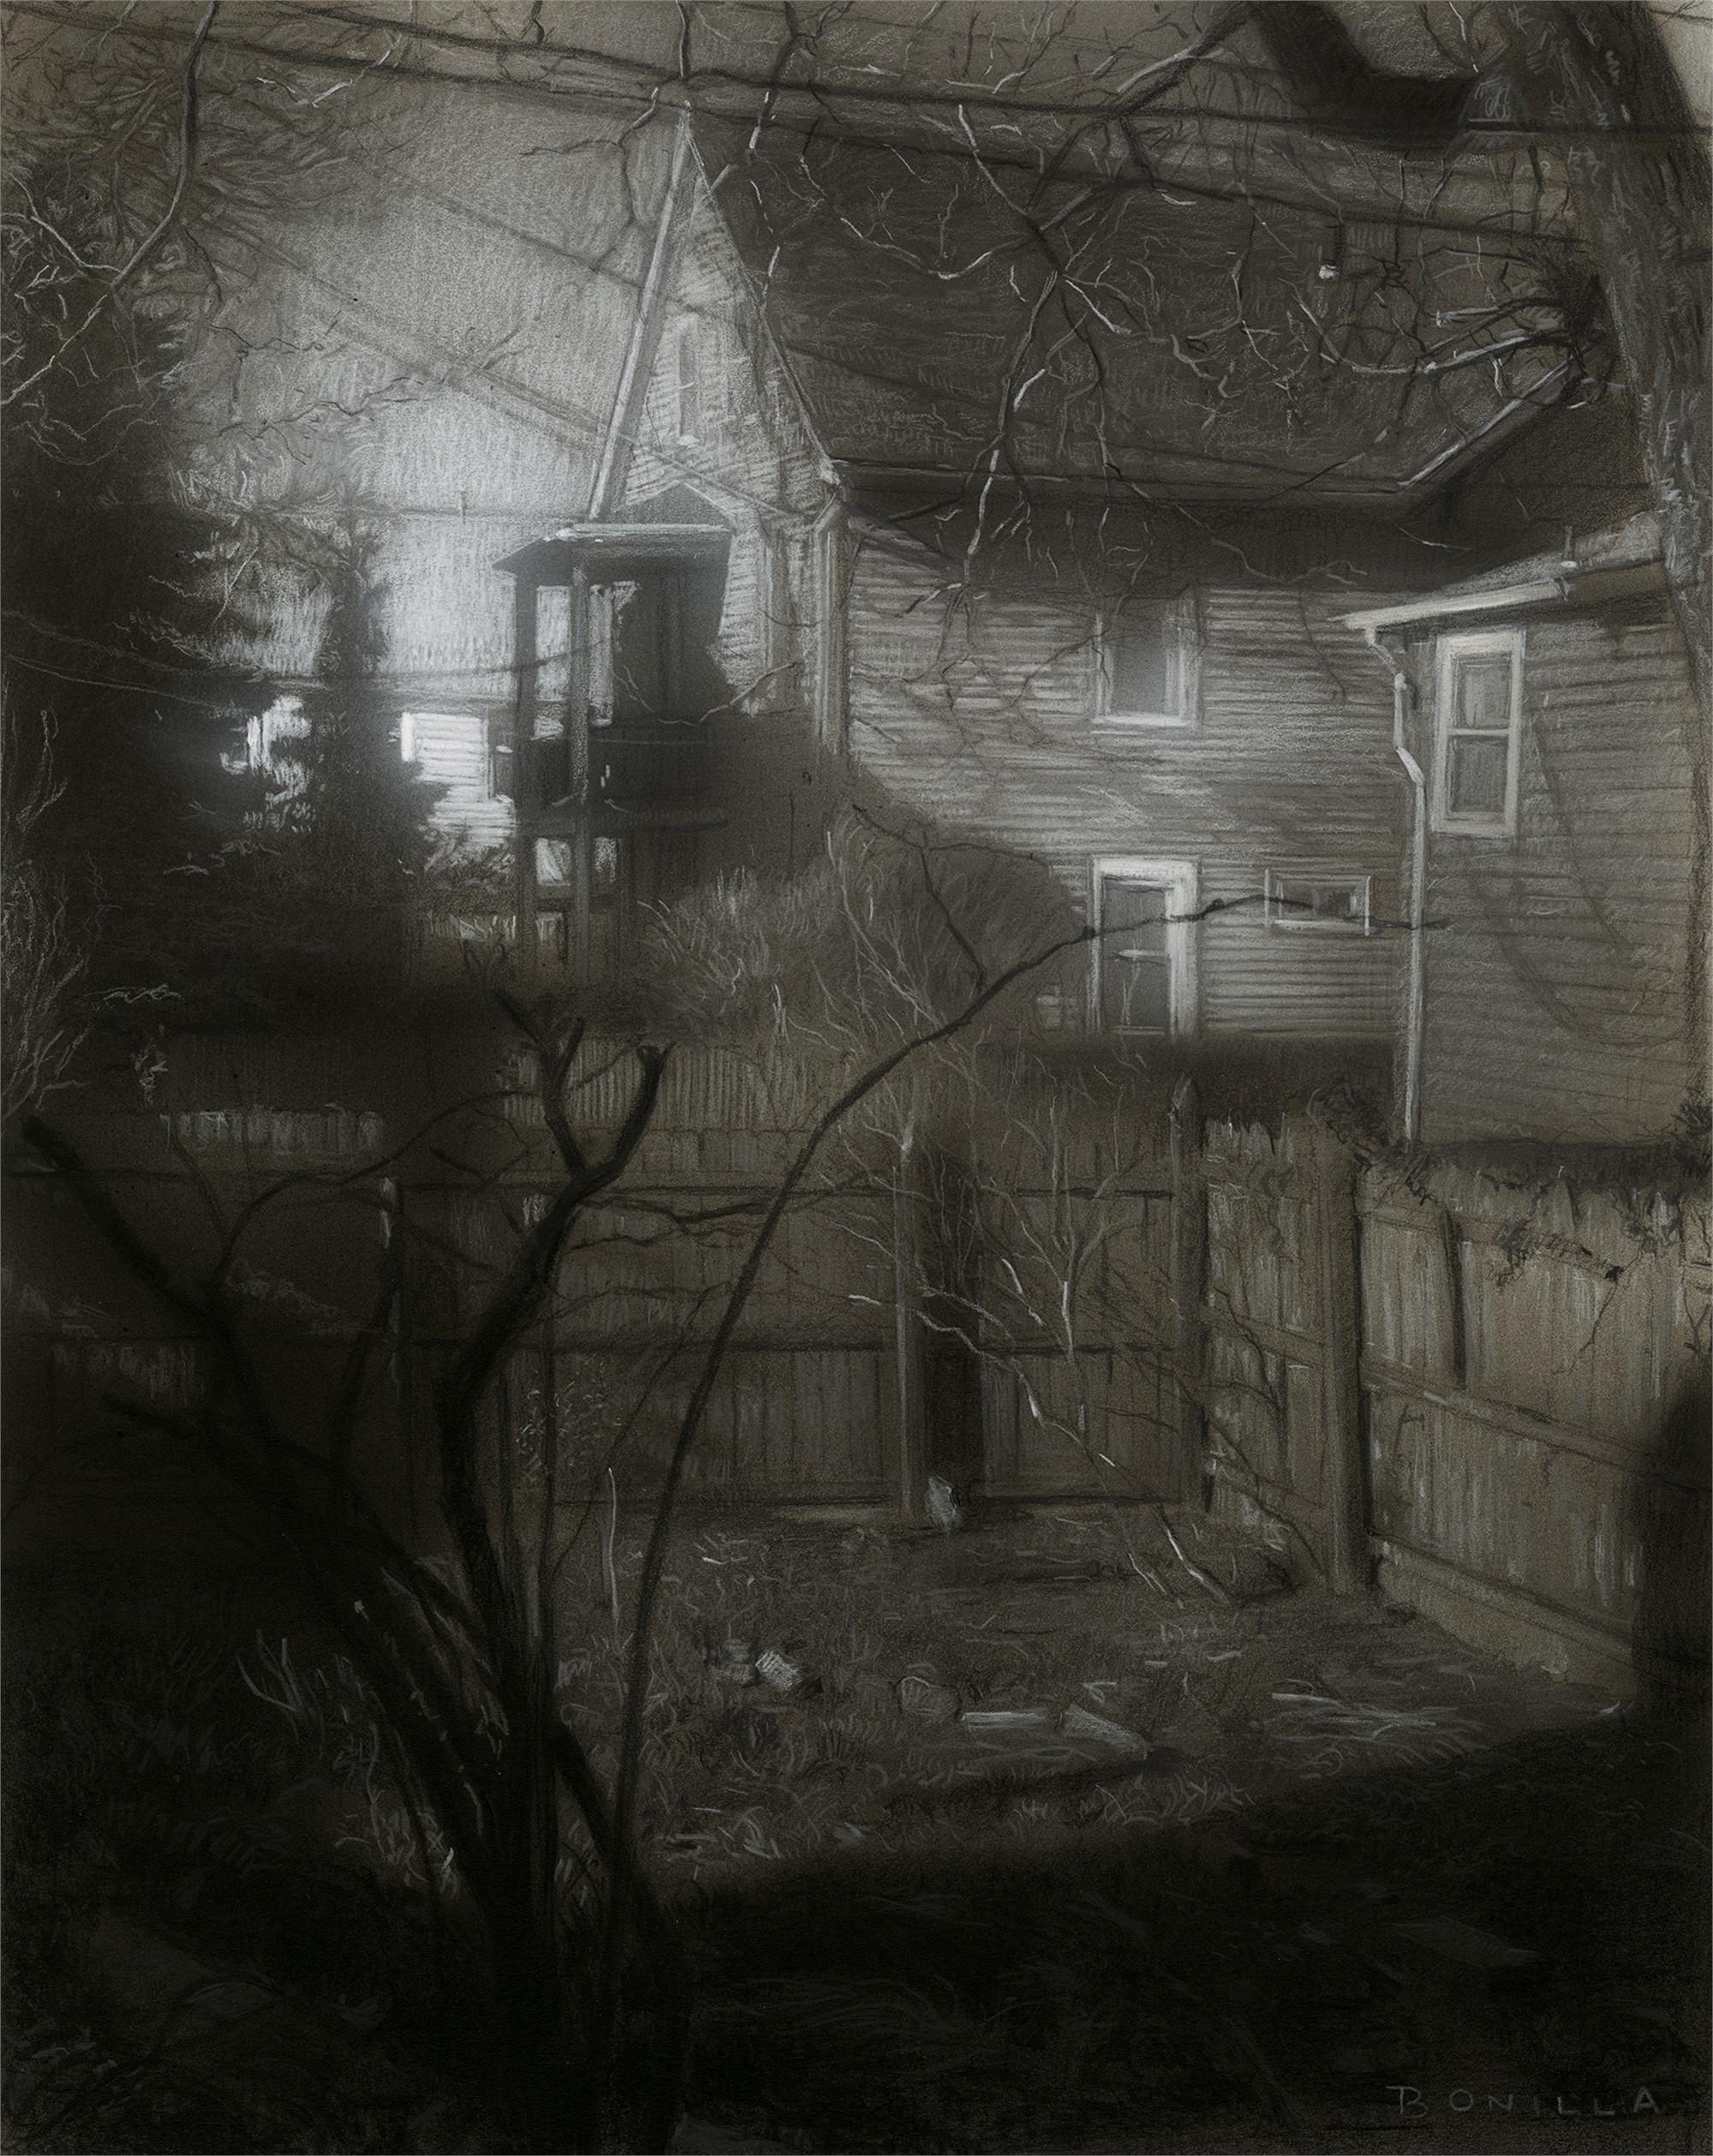 Study for Jamie's Garden by Raymond Bonilla